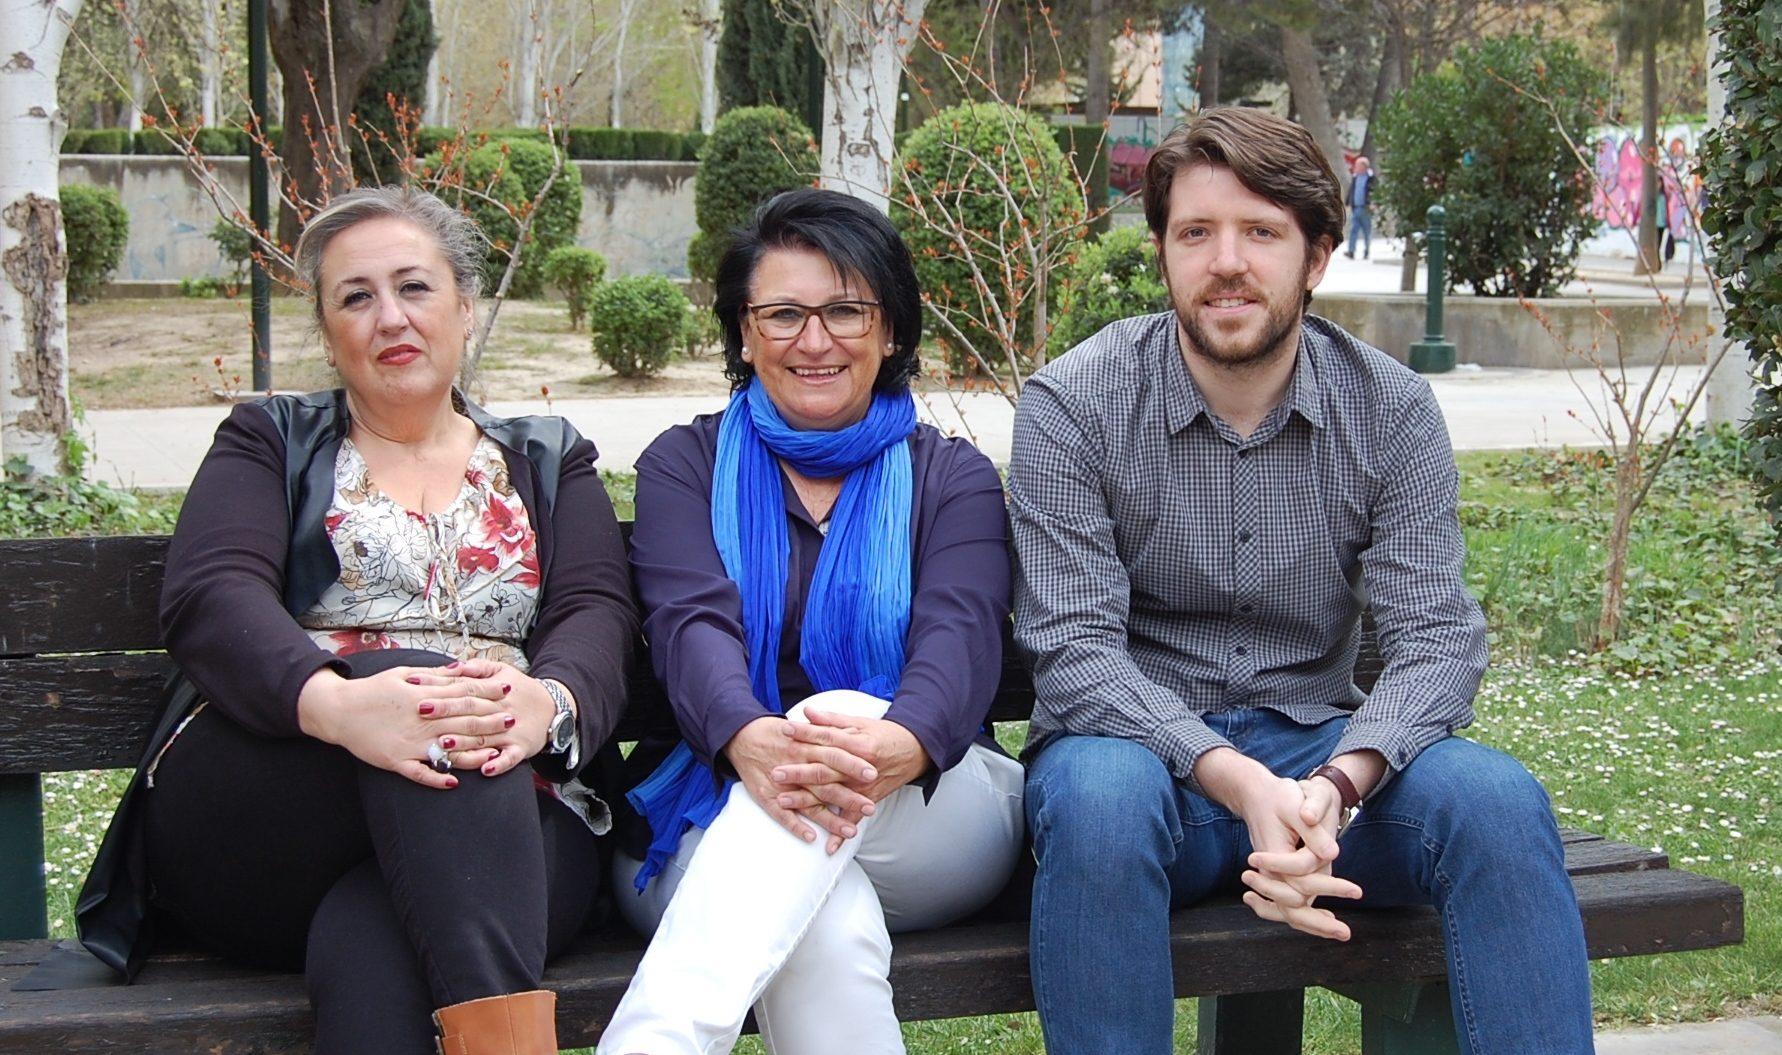 Lola Sobrino, responsable del equipo de psicólogos; Ana López Trenco, coordinadora del servicio; Óscar Ortega, psiquiatra.